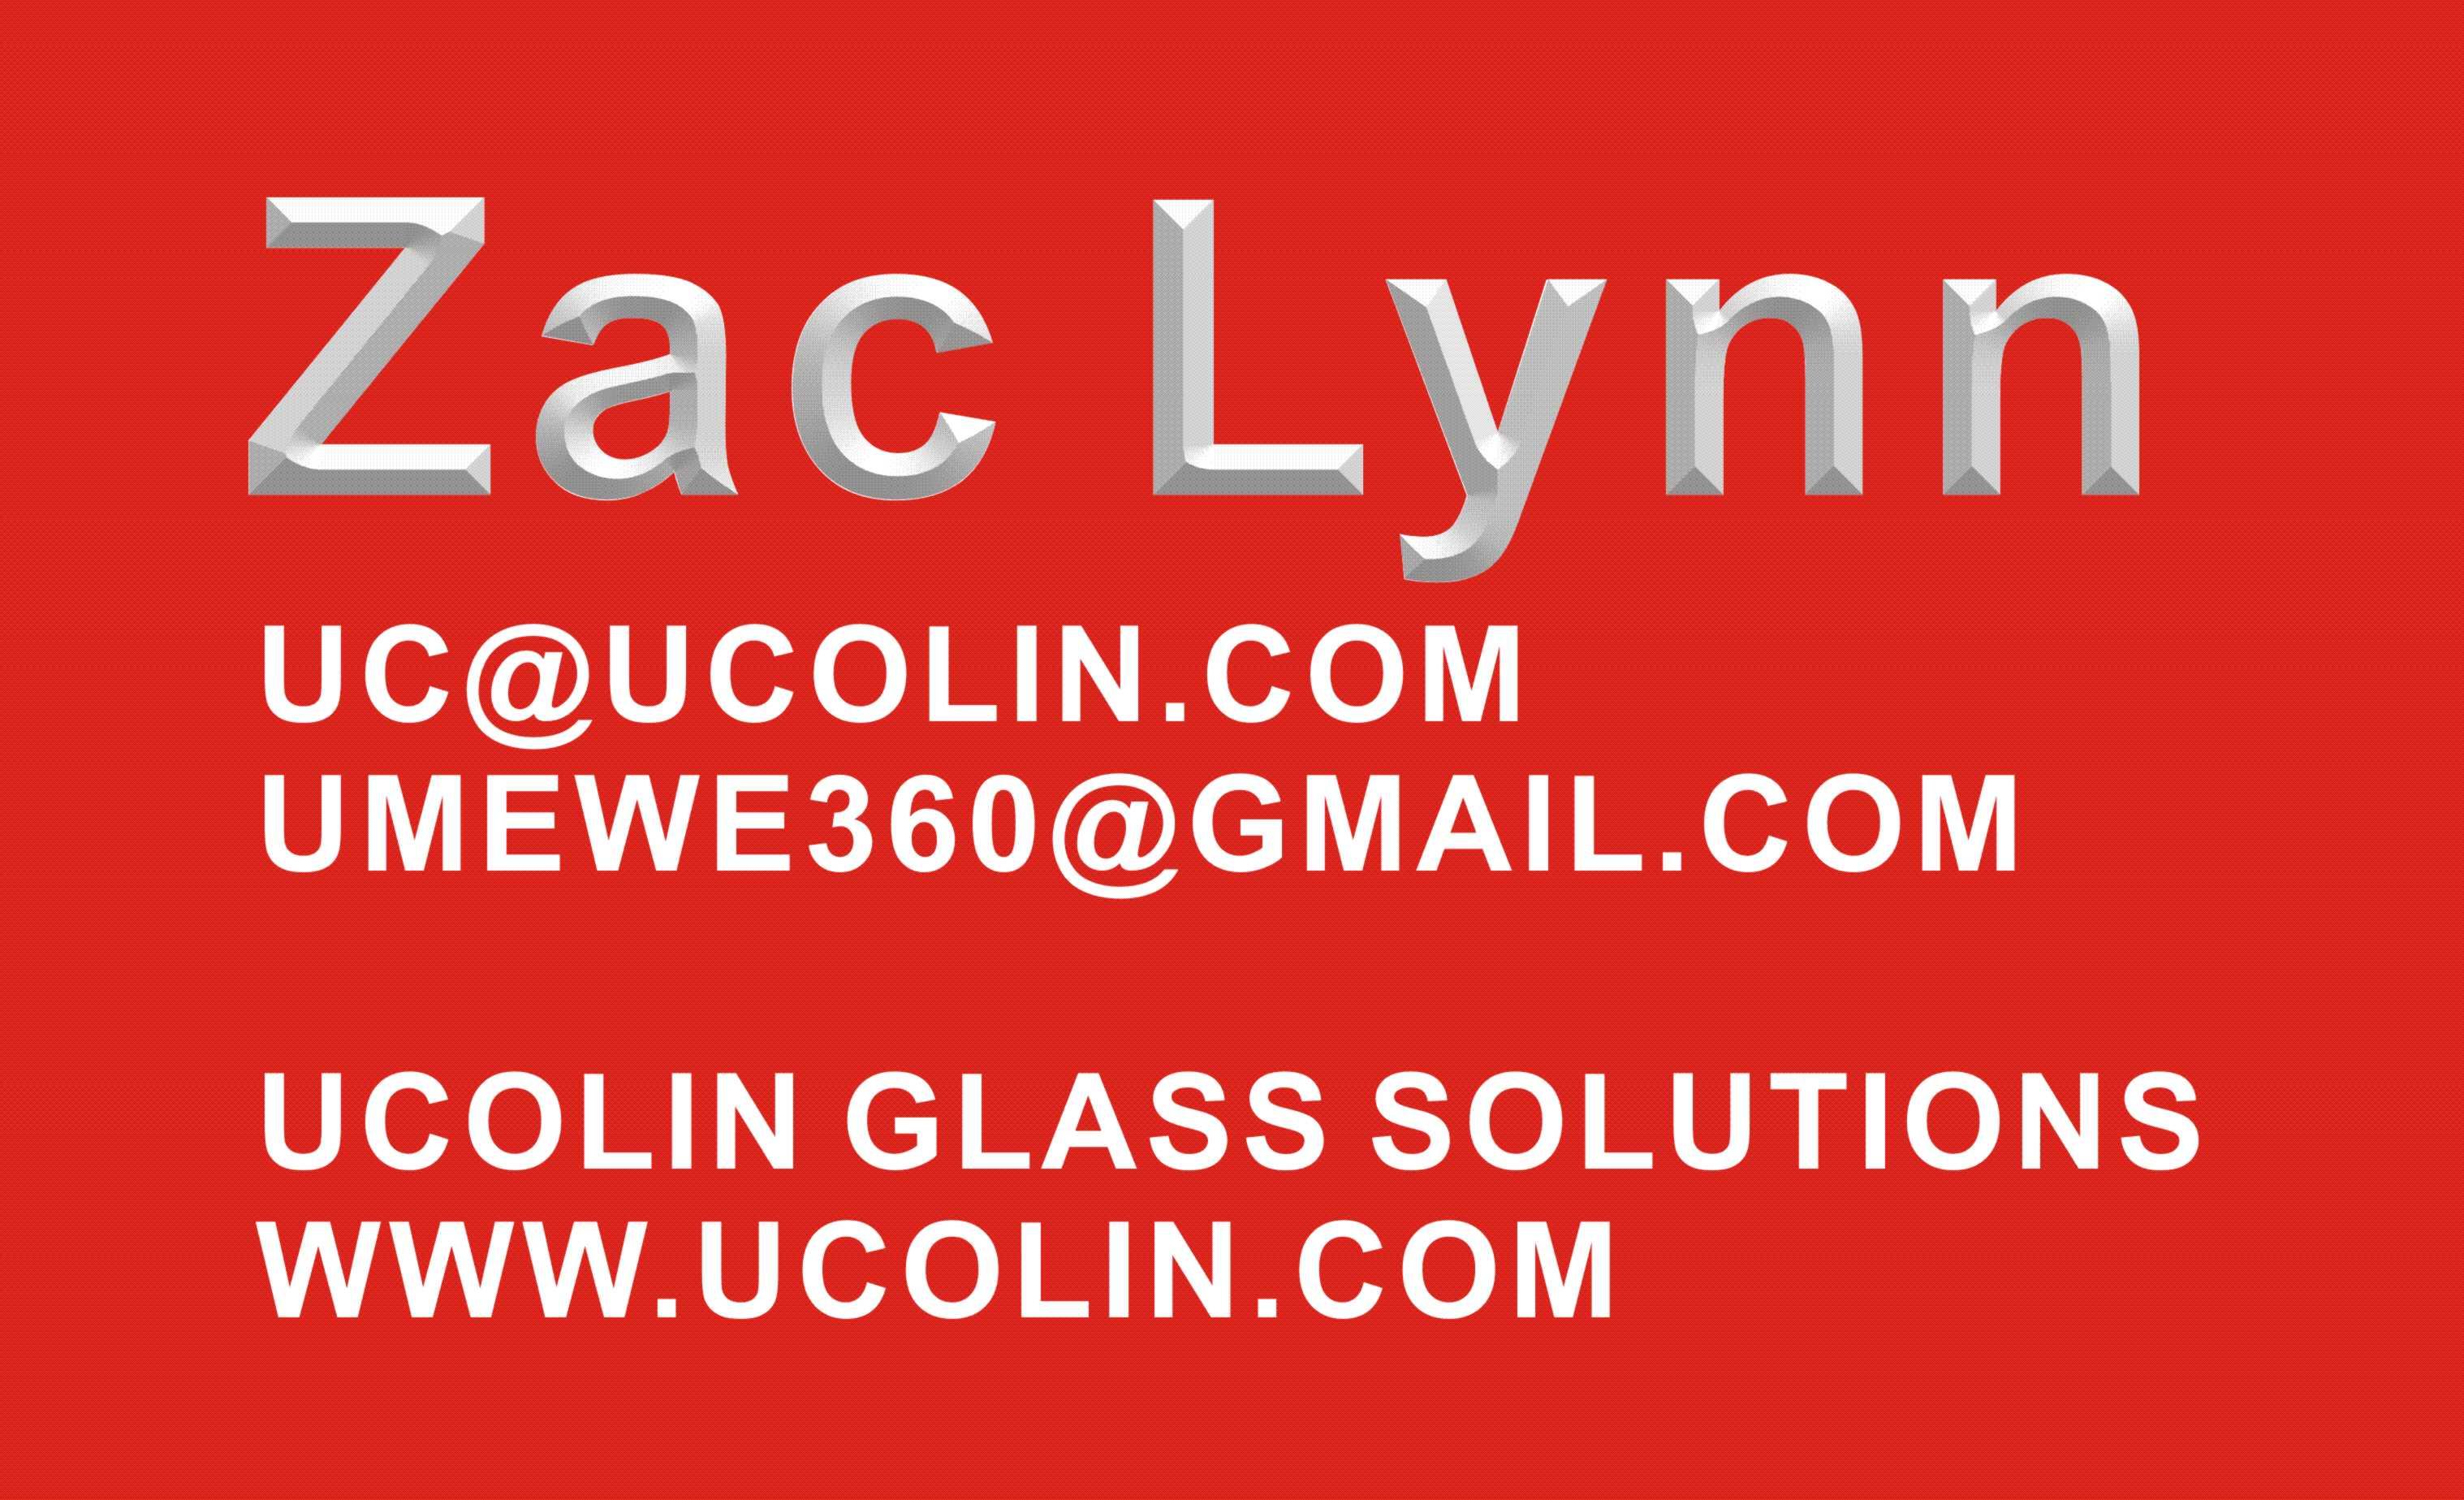 Zac Lynn UCOLIN